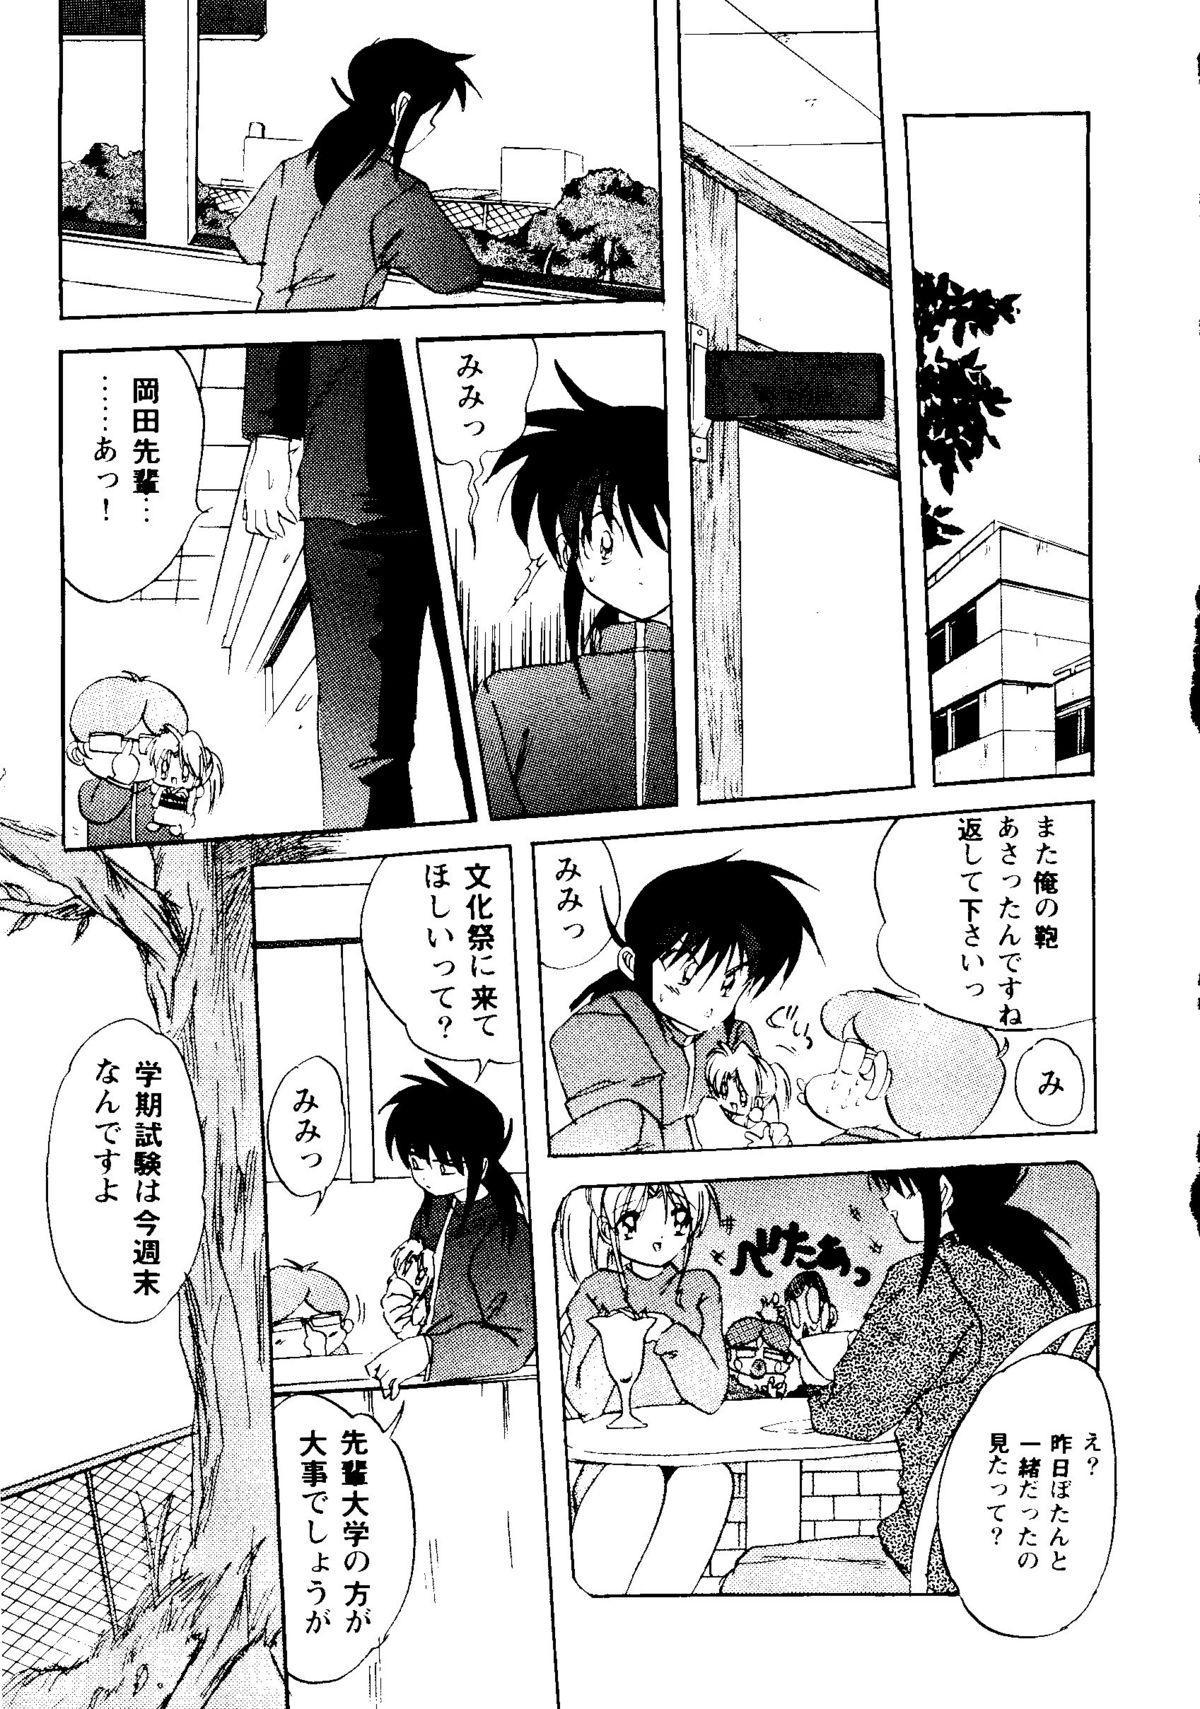 Bishoujo Doujinshi Anthology Cute 2 6